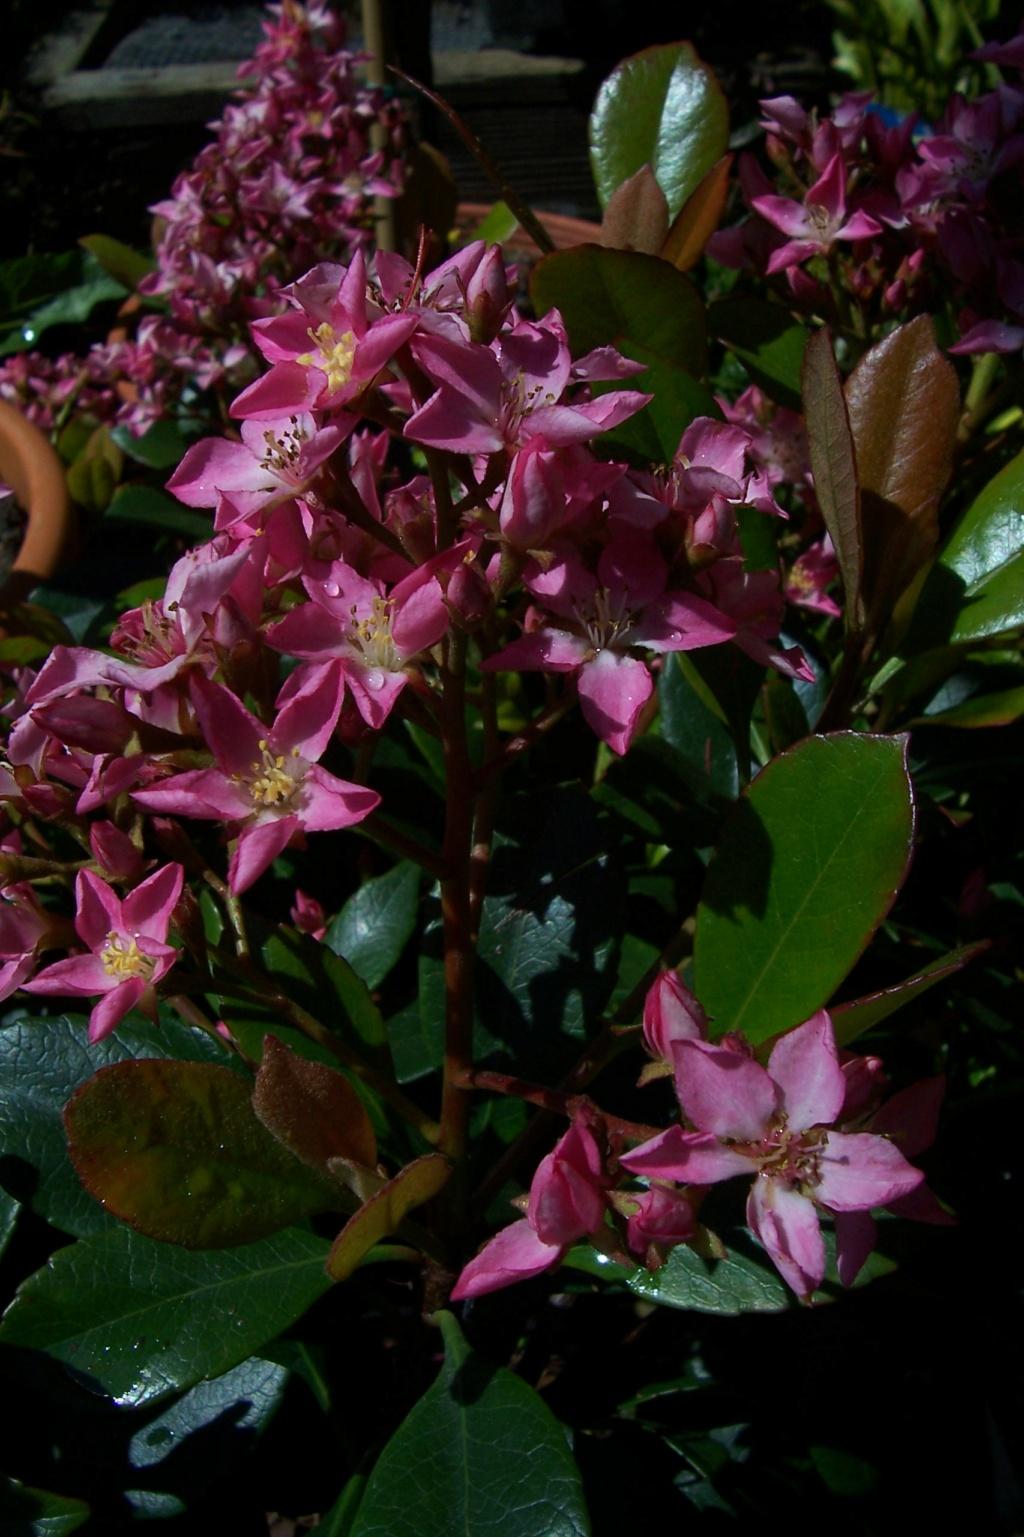 Rhaphiolepis x delacourii 'Springtime' 879